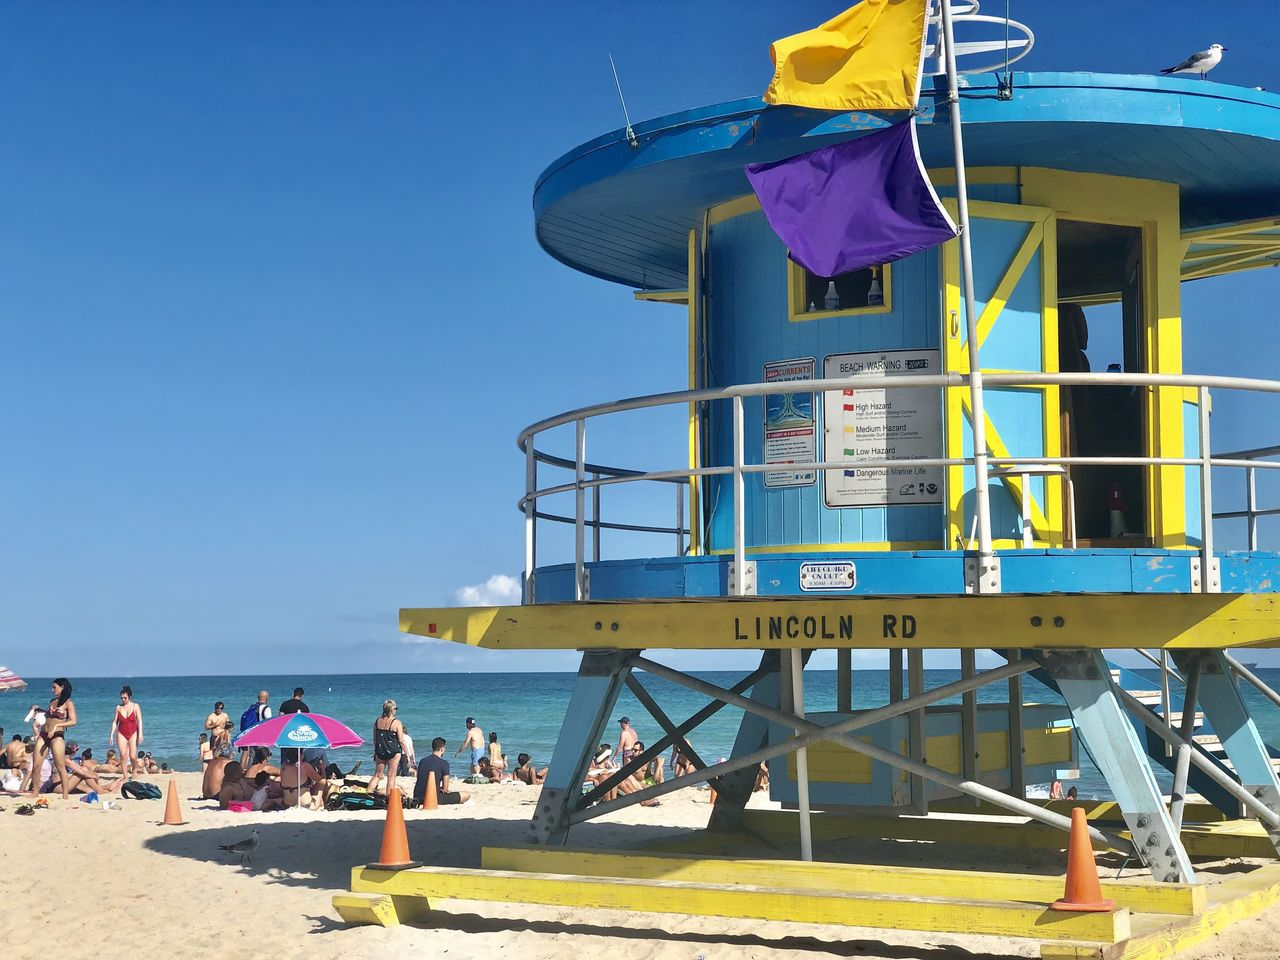 邁阿密知名風景區南灘,遊人如織,維安不易。 圖/方祖涵提供